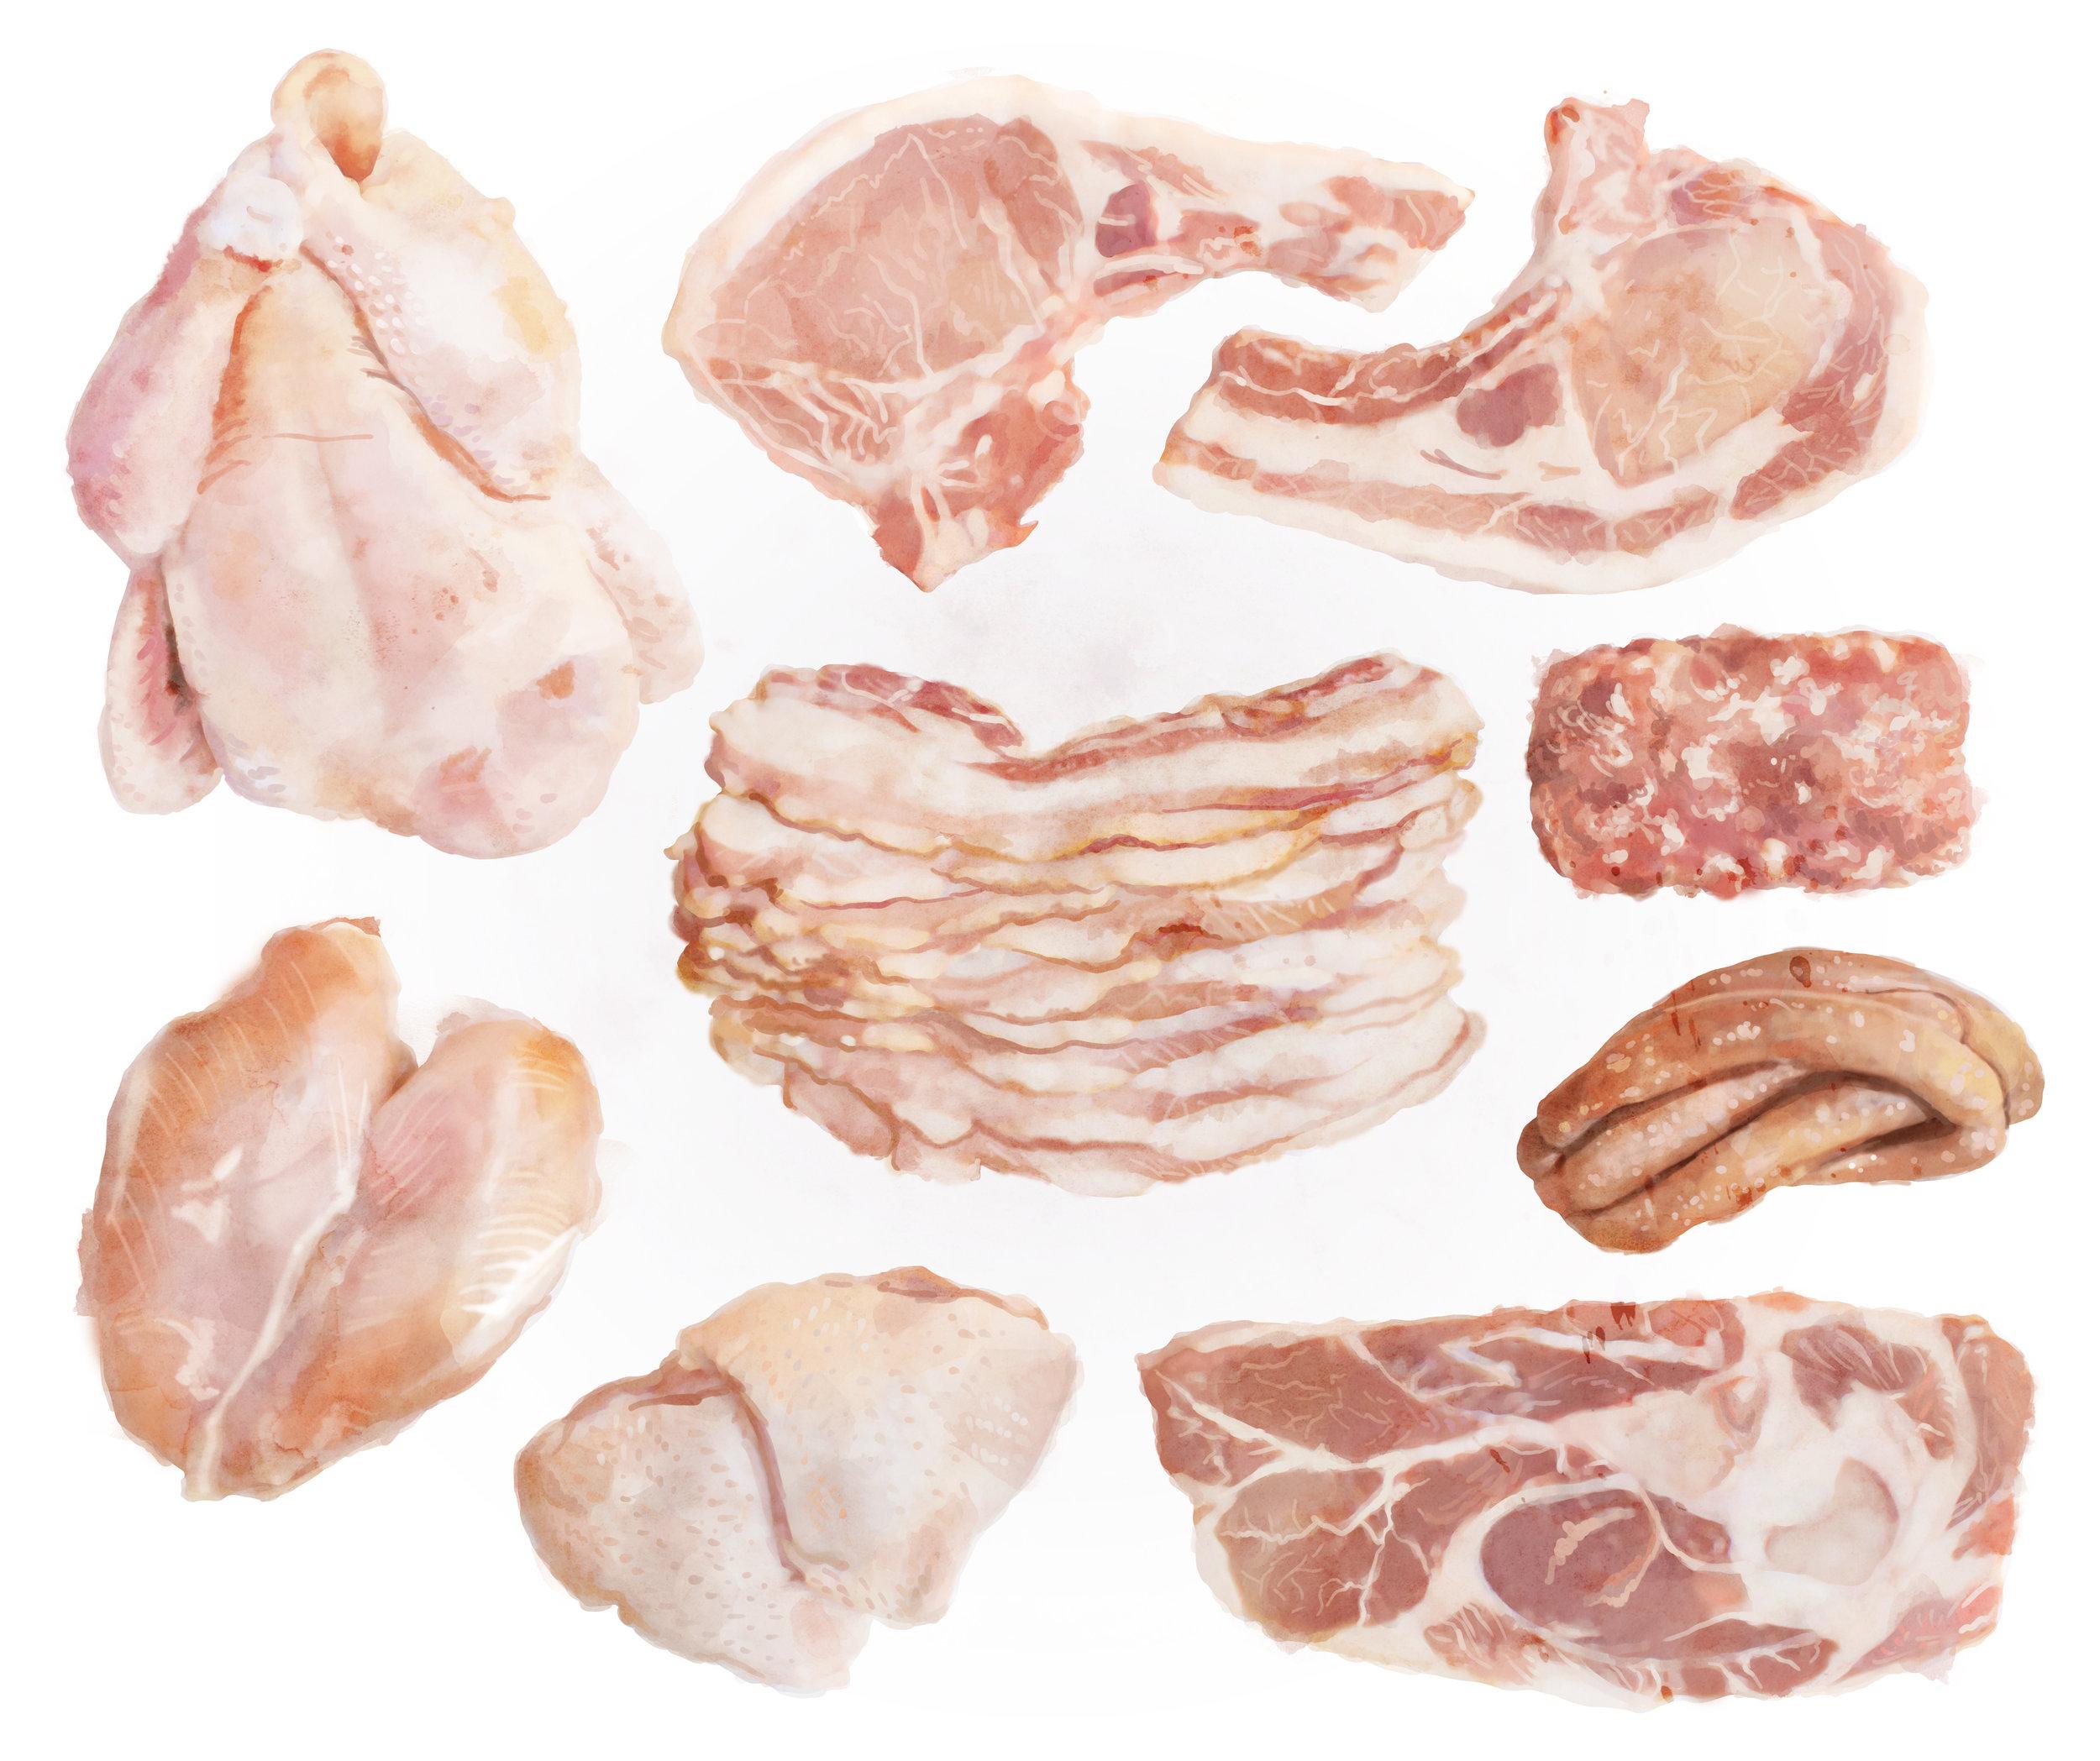 pork & chicken box illustration.jpg